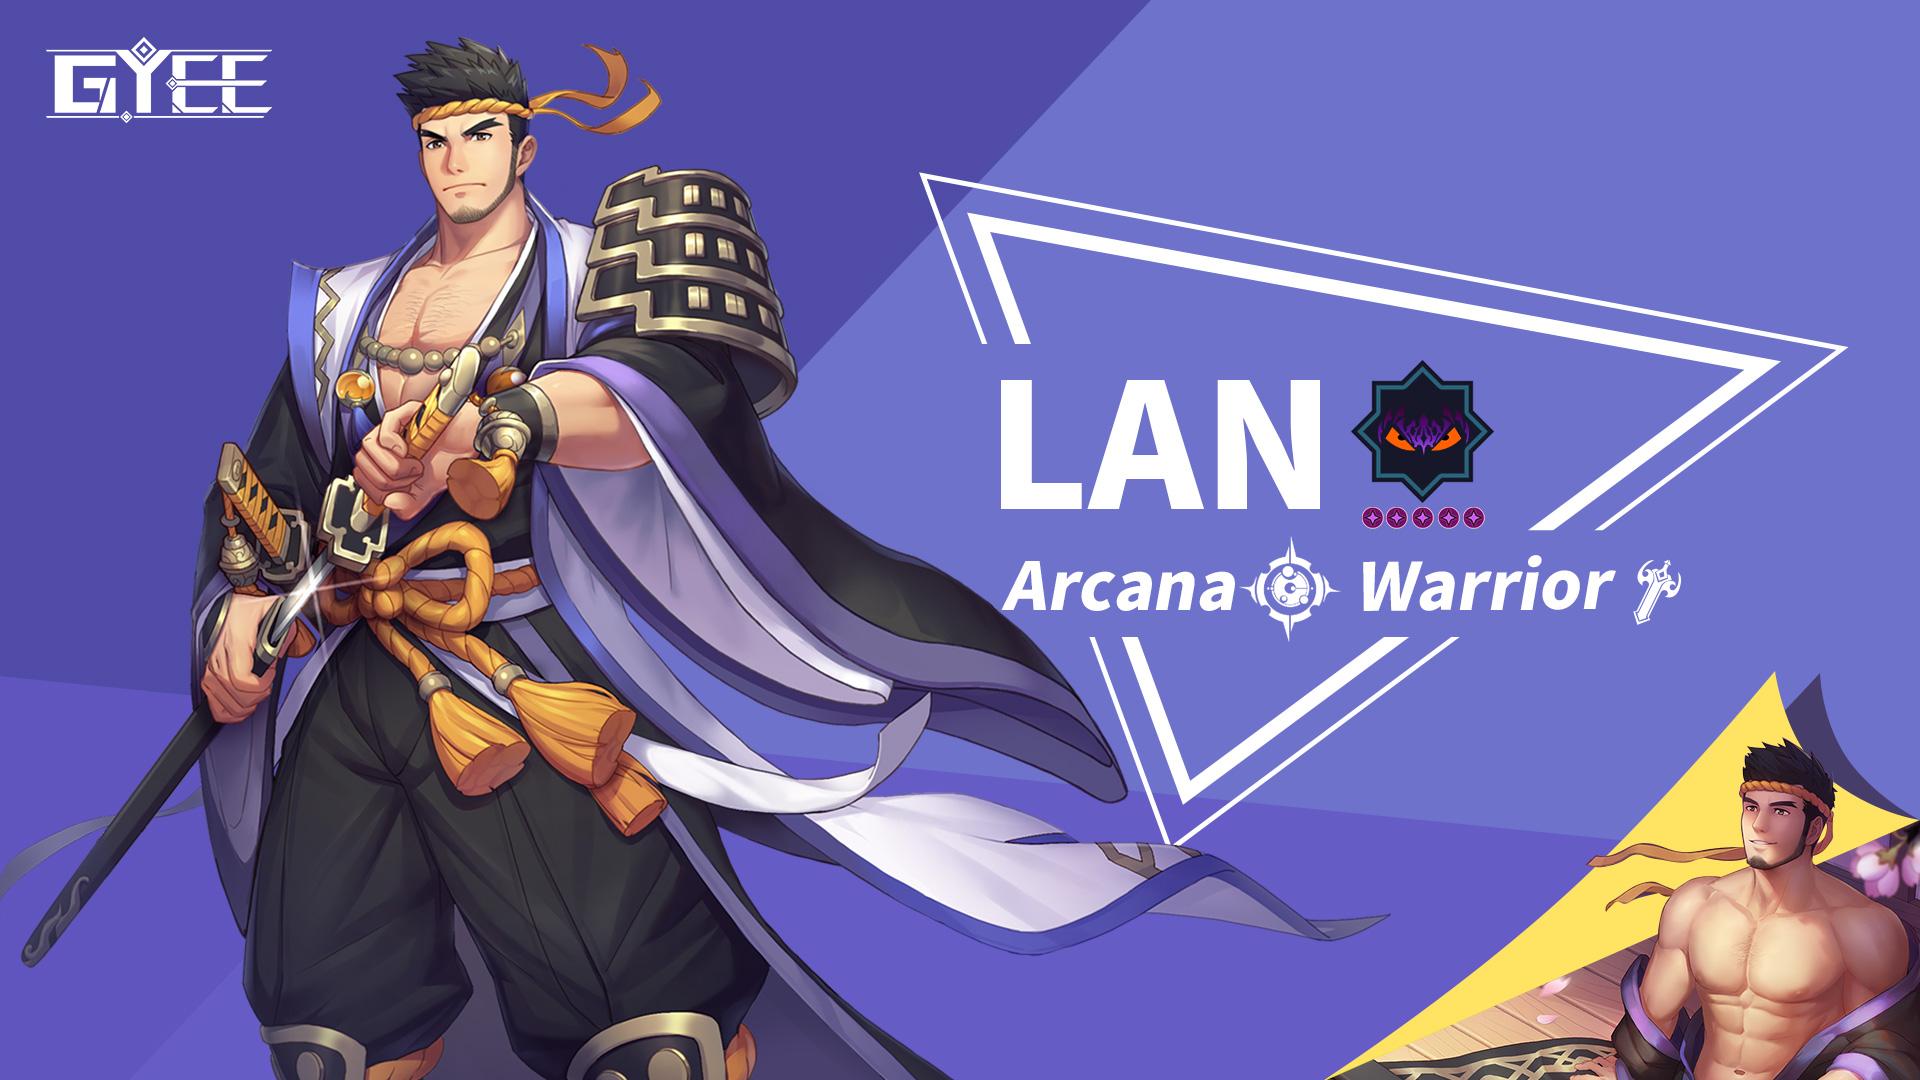 New Character-Lan-2东南亚-英文版FB社区图-ARPU限时卡池_1920x1080_jpg.jpg